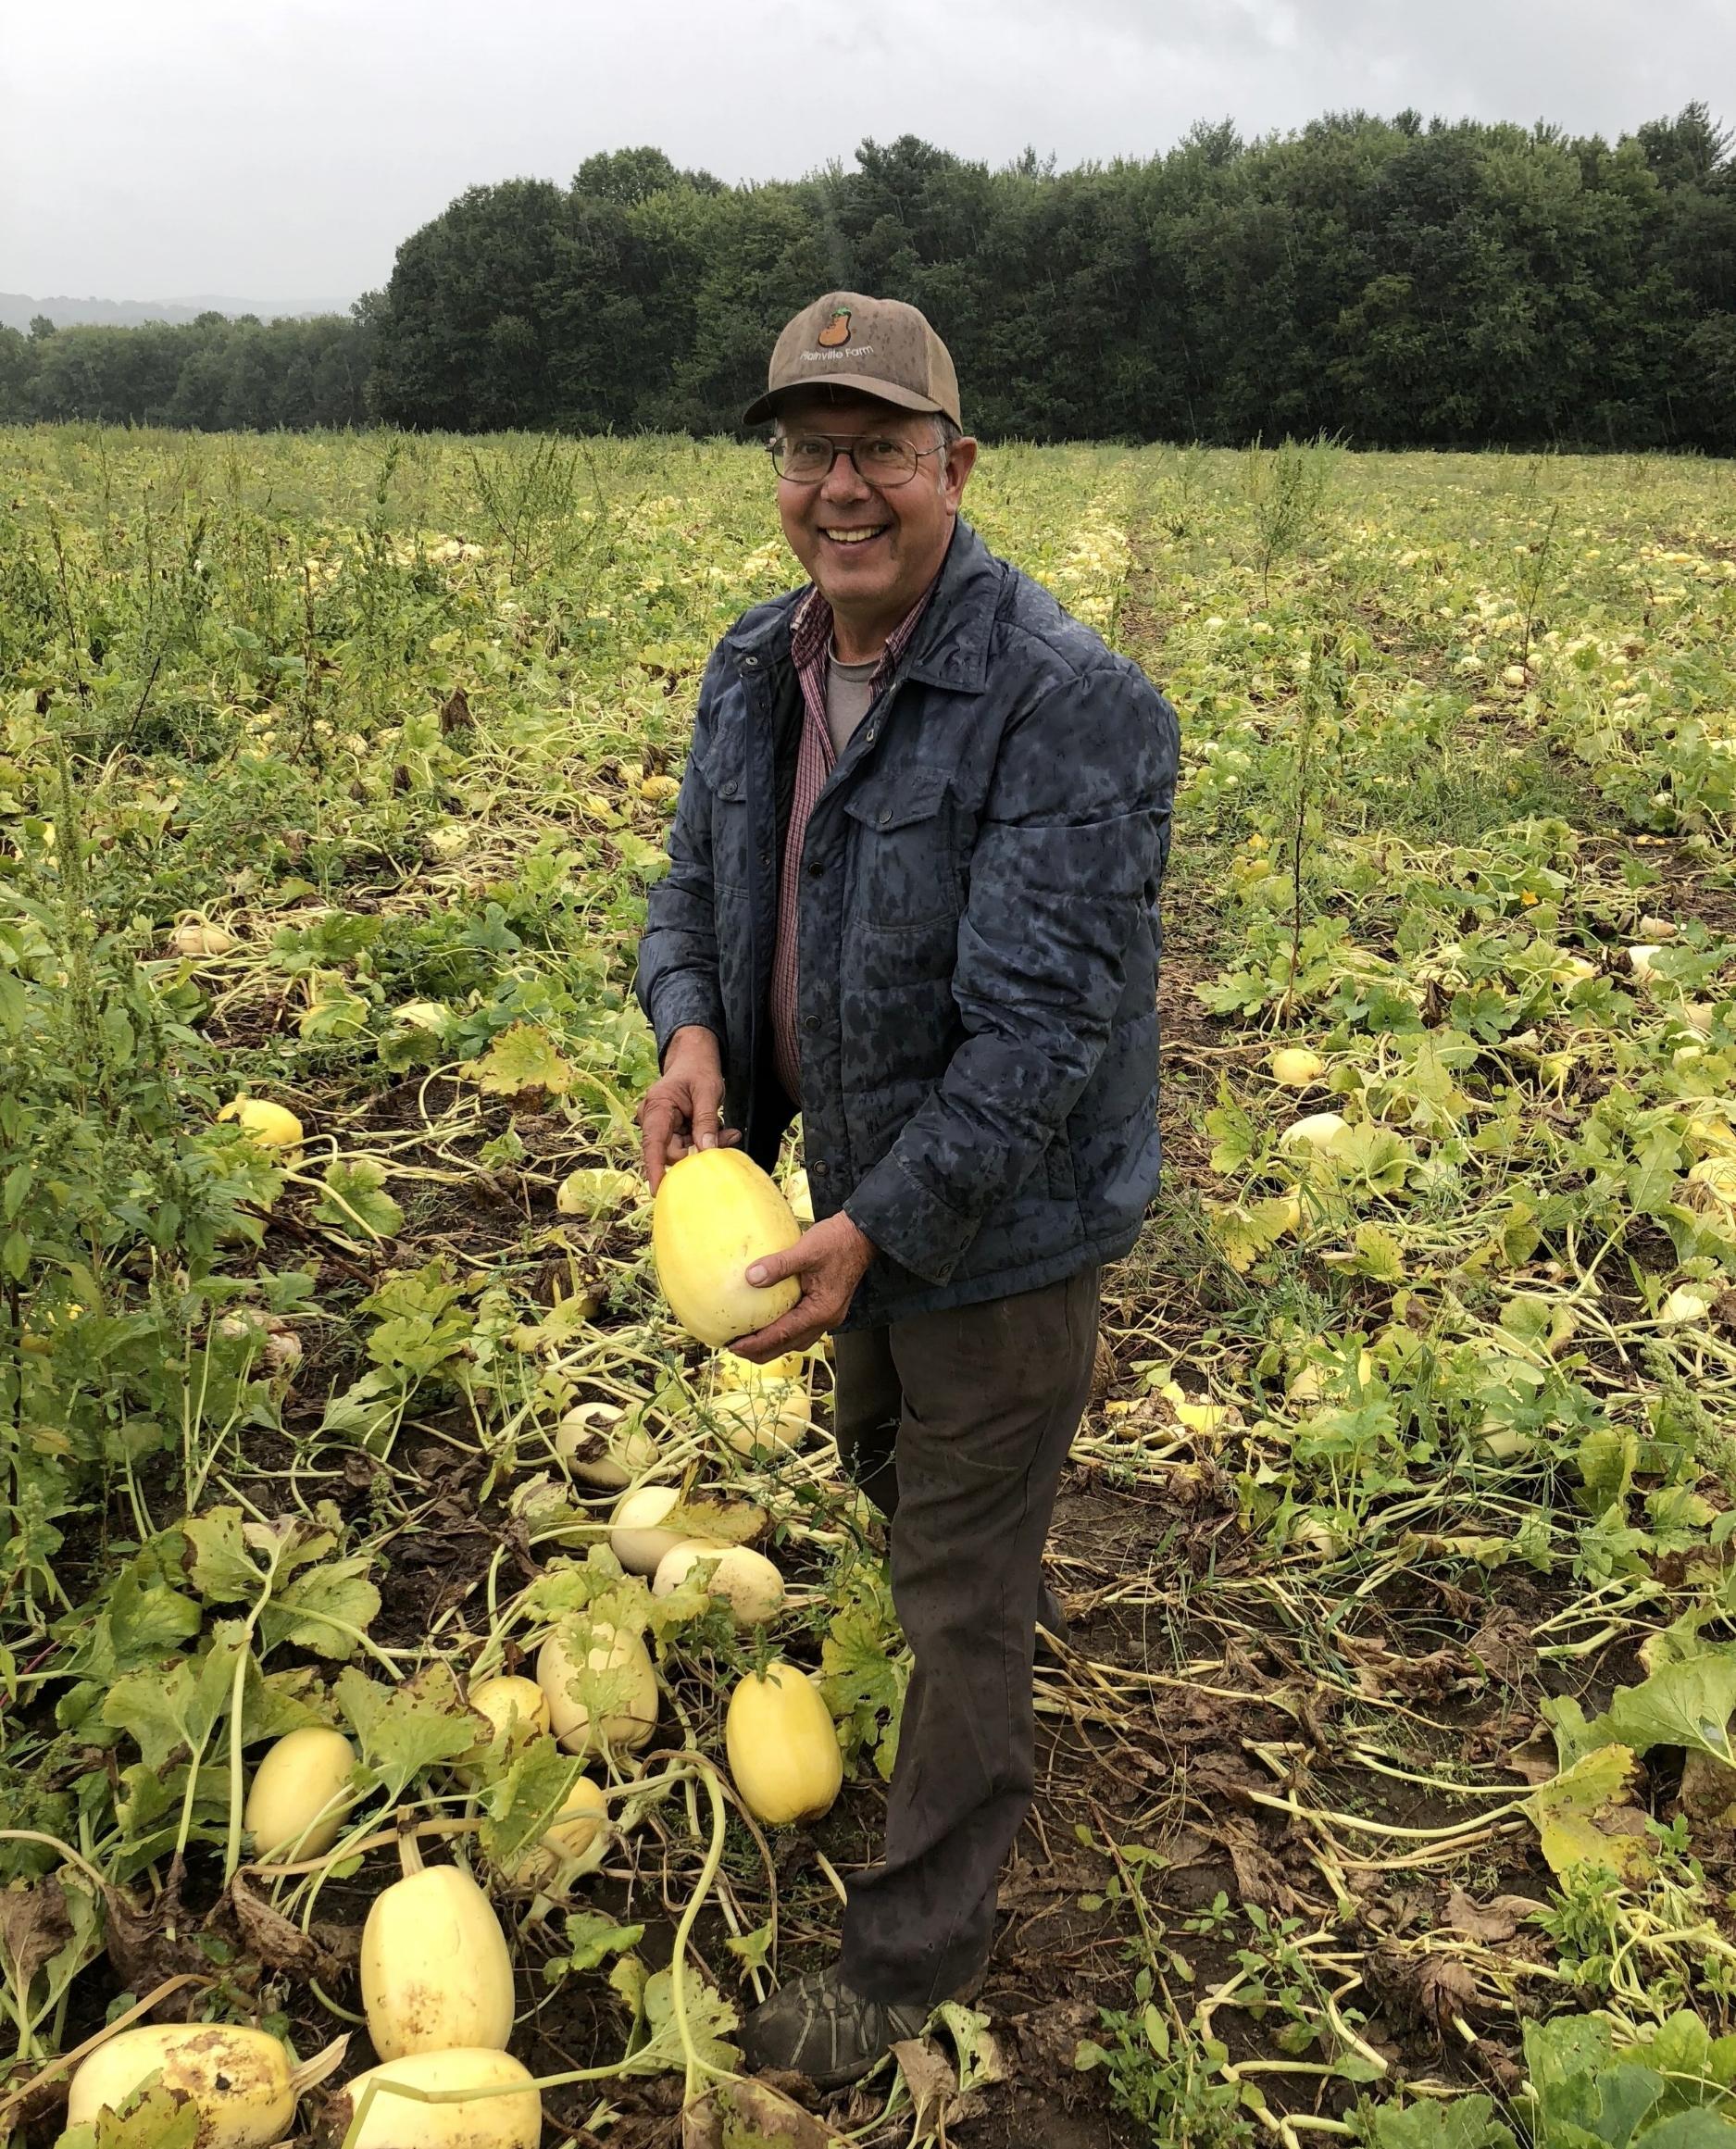 Wally Czajkowski in his field of (delicious!) spaghetti squash.